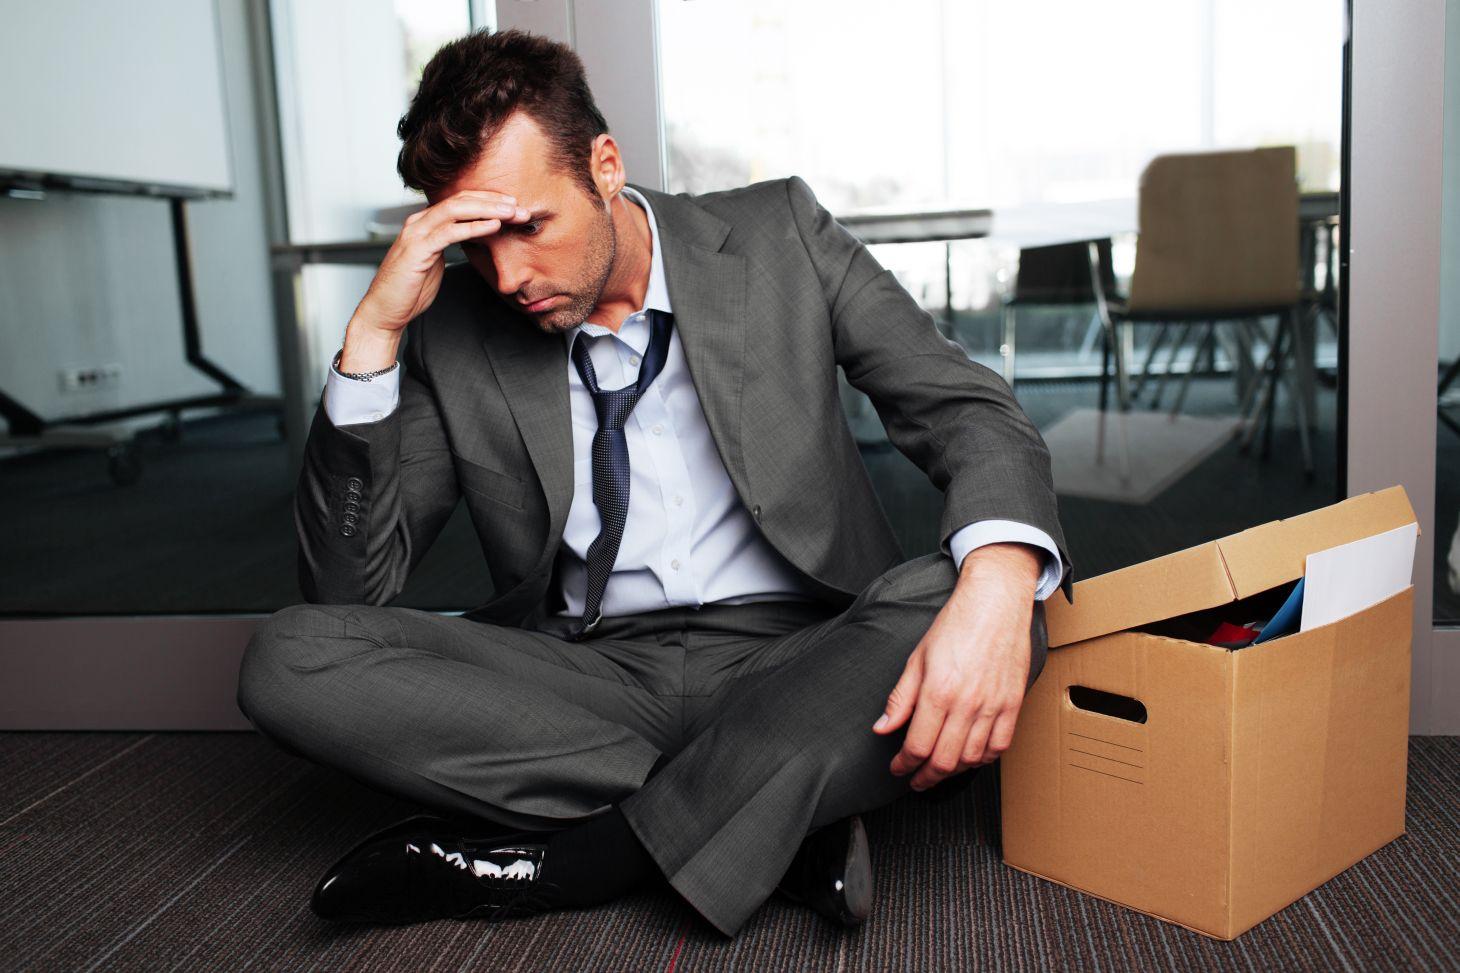 Tudi samostojni podjetnik lahko dobi nadomestilo za brezposelnost